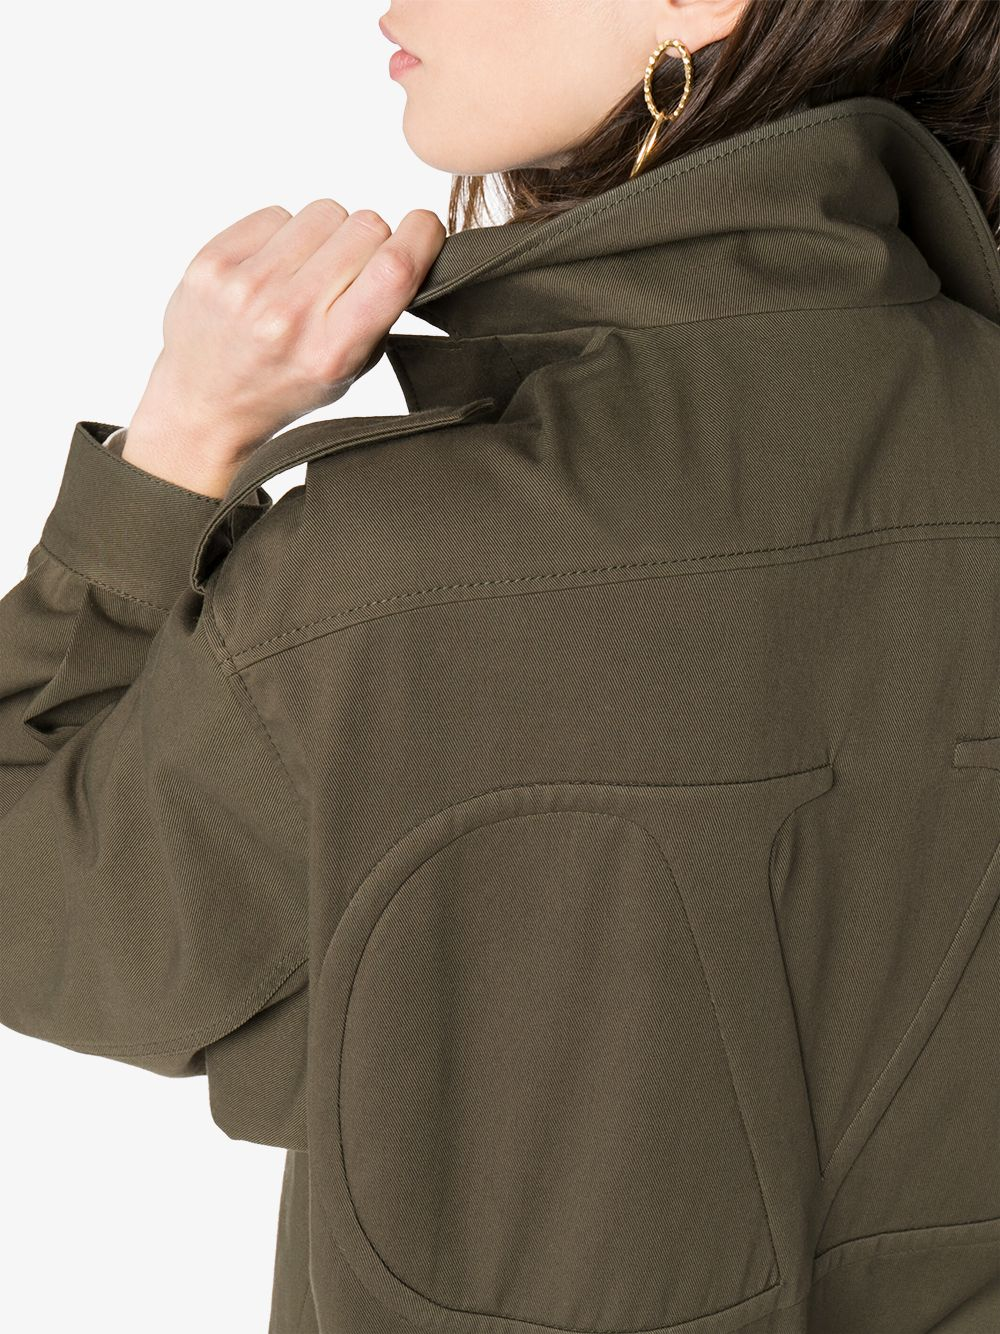 Юу худалдаж авах вэ: Армийн стильтэй хөнгөн куртка (фото 1)